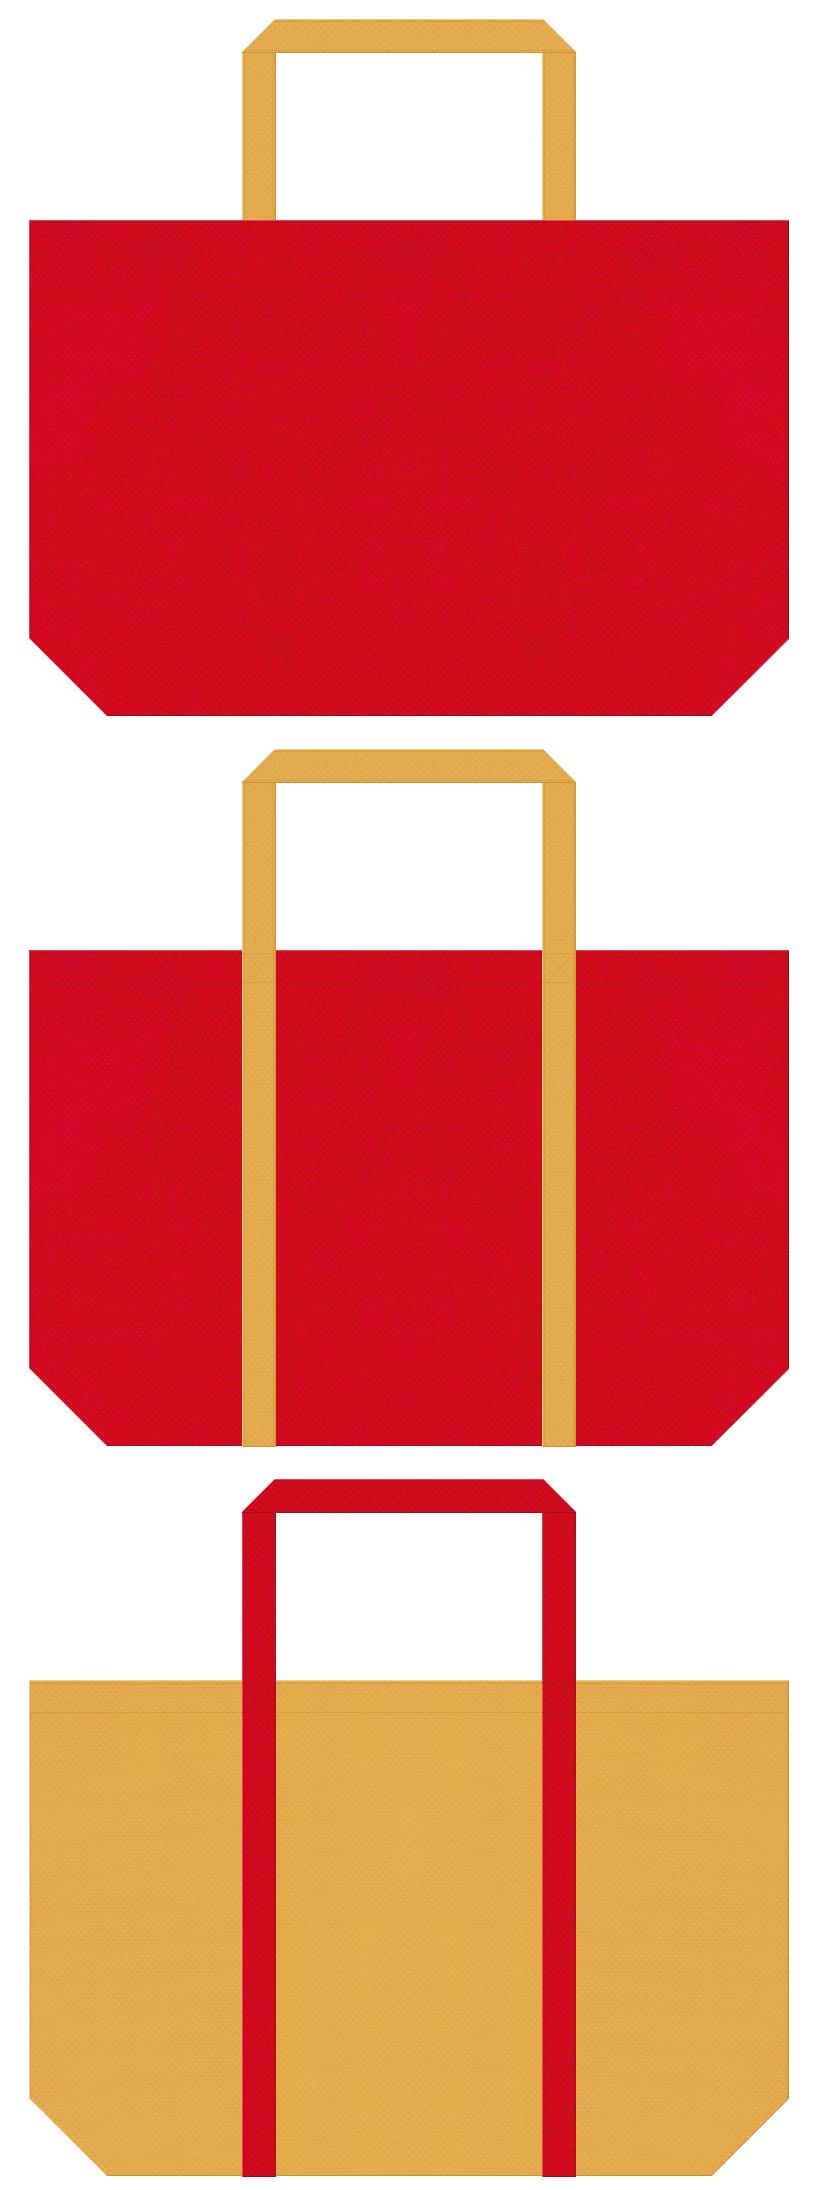 ピザ・パスタ・ミートソース・ナポリタン・スパゲティ・絵本・むかし話・赤鬼・大豆・一合枡・御輿・お祭り・和風催事・節分セール・福袋にお奨めの不織布バッグデザイン:紅色と黄土色のコーデ